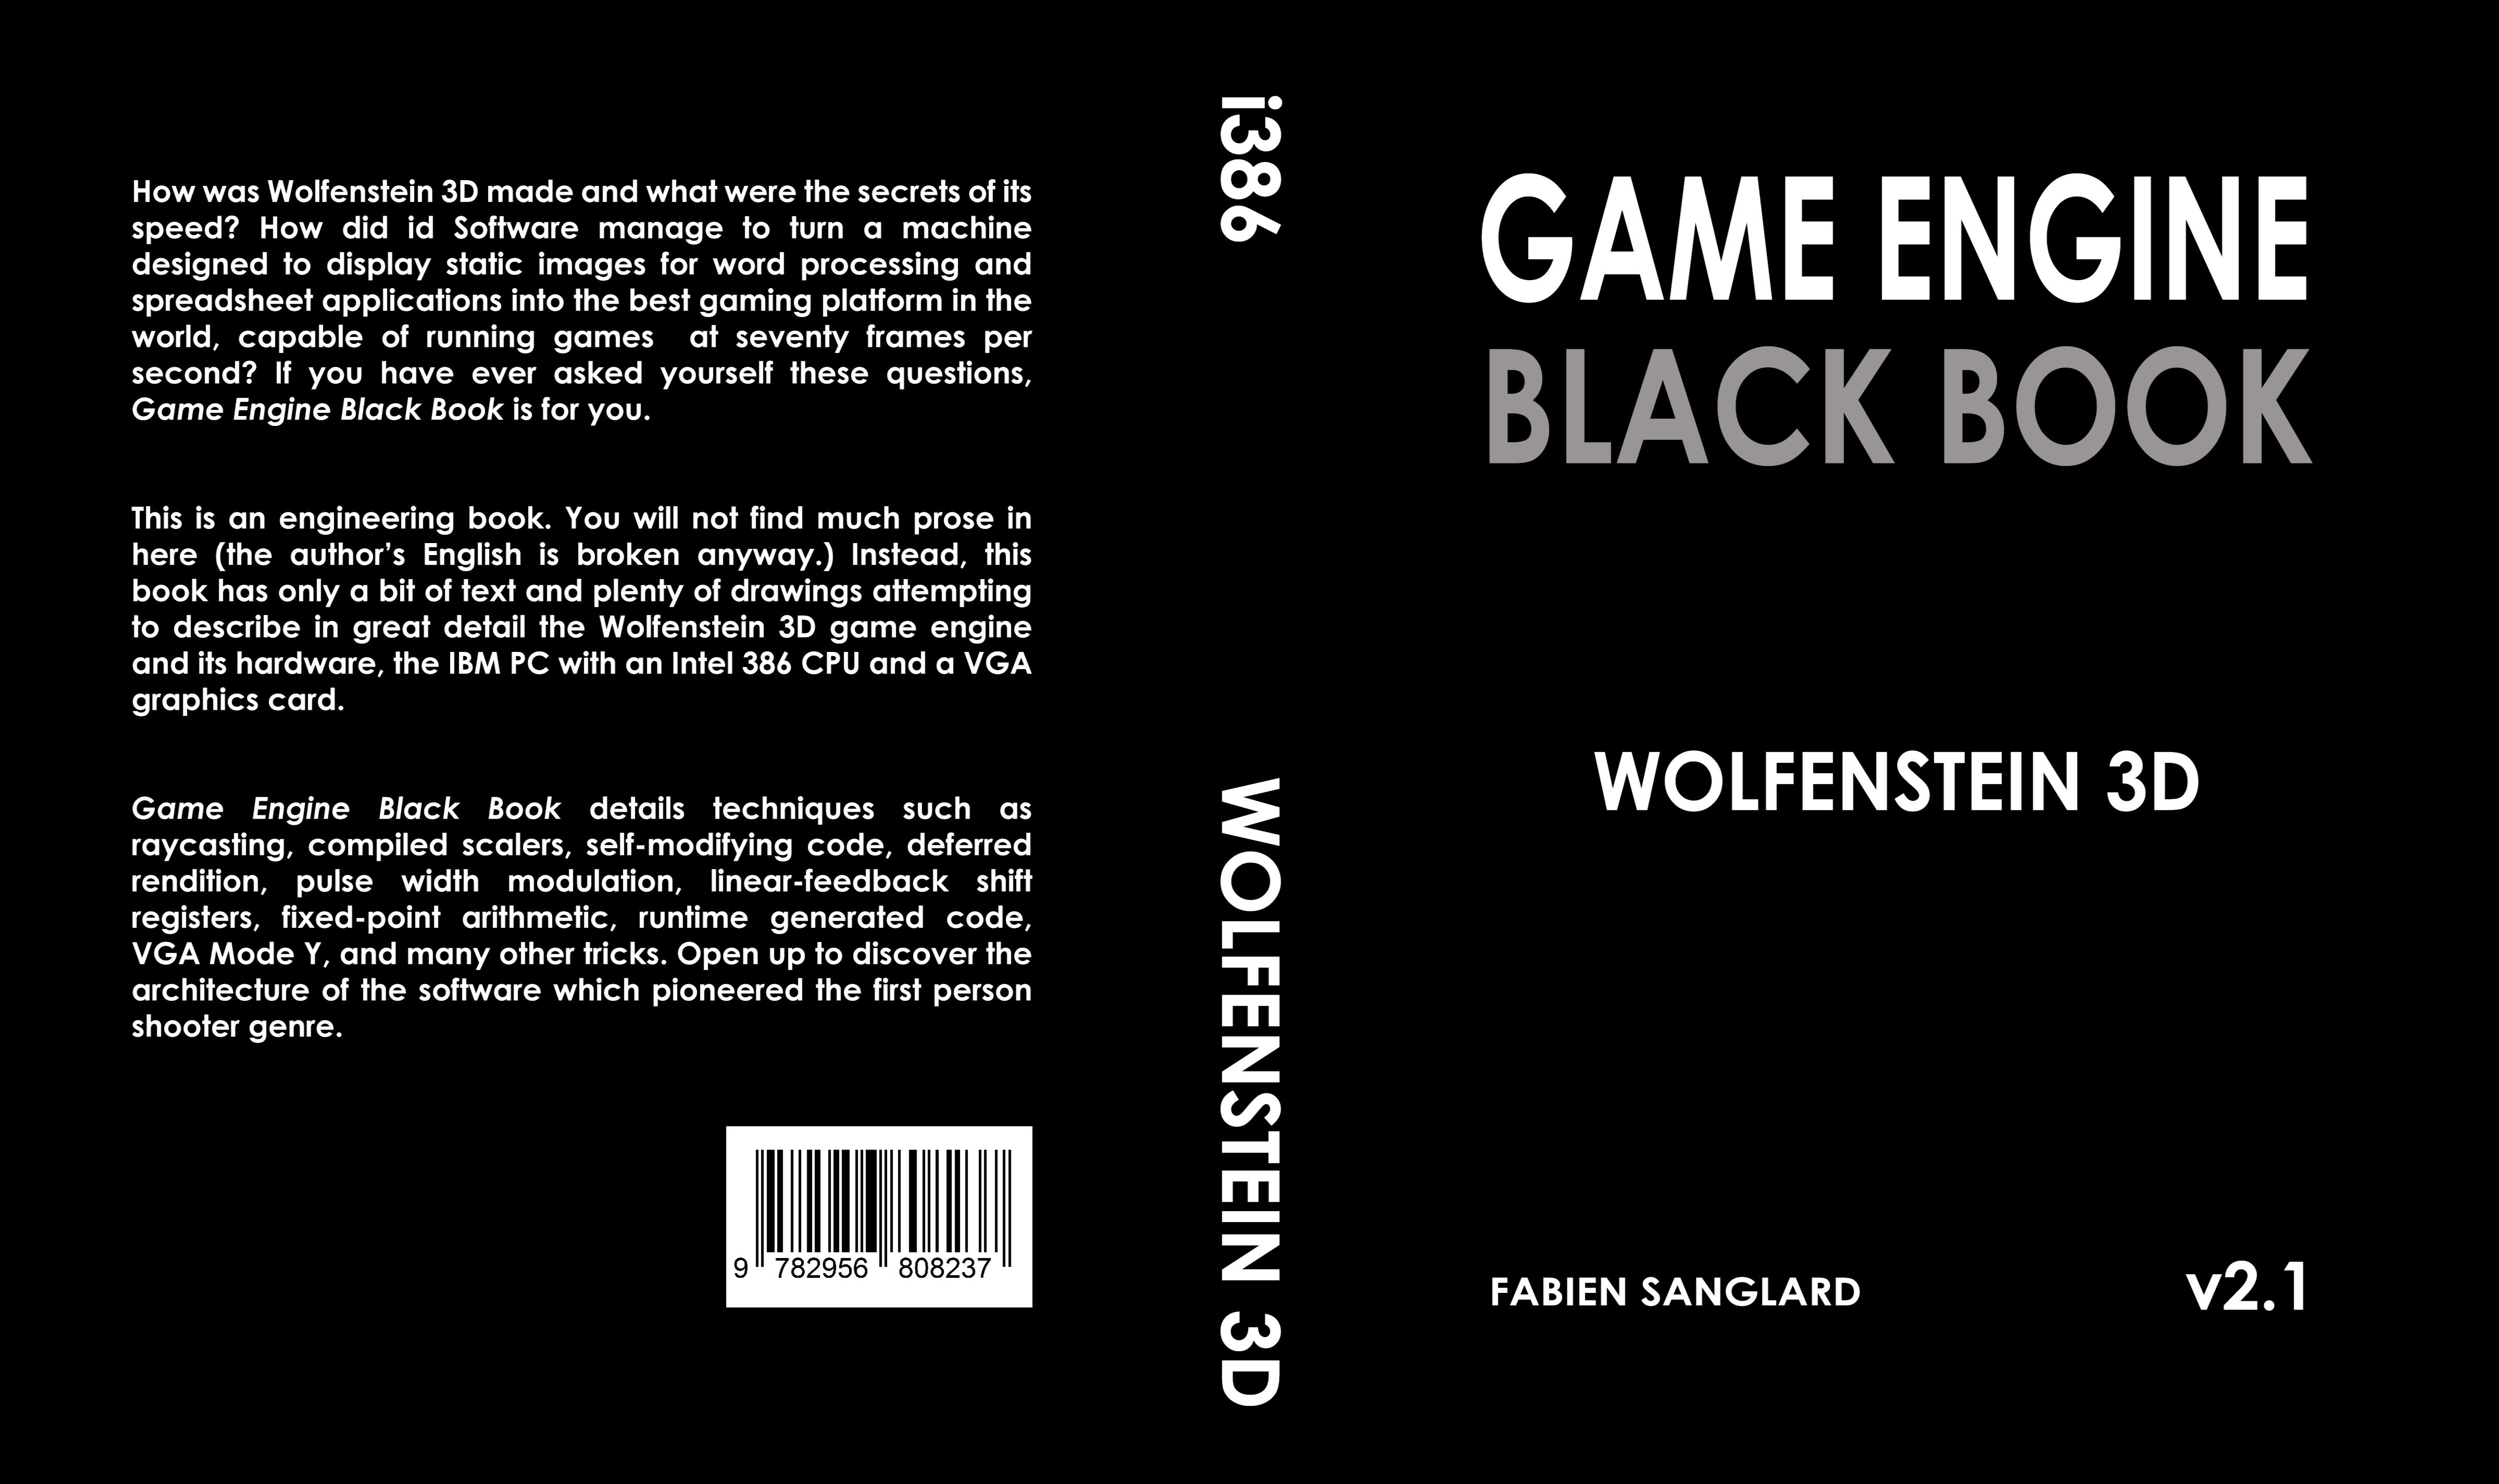 Game Engine Black Book: Wolfenstein 3D by fabien sanglard : $44 11